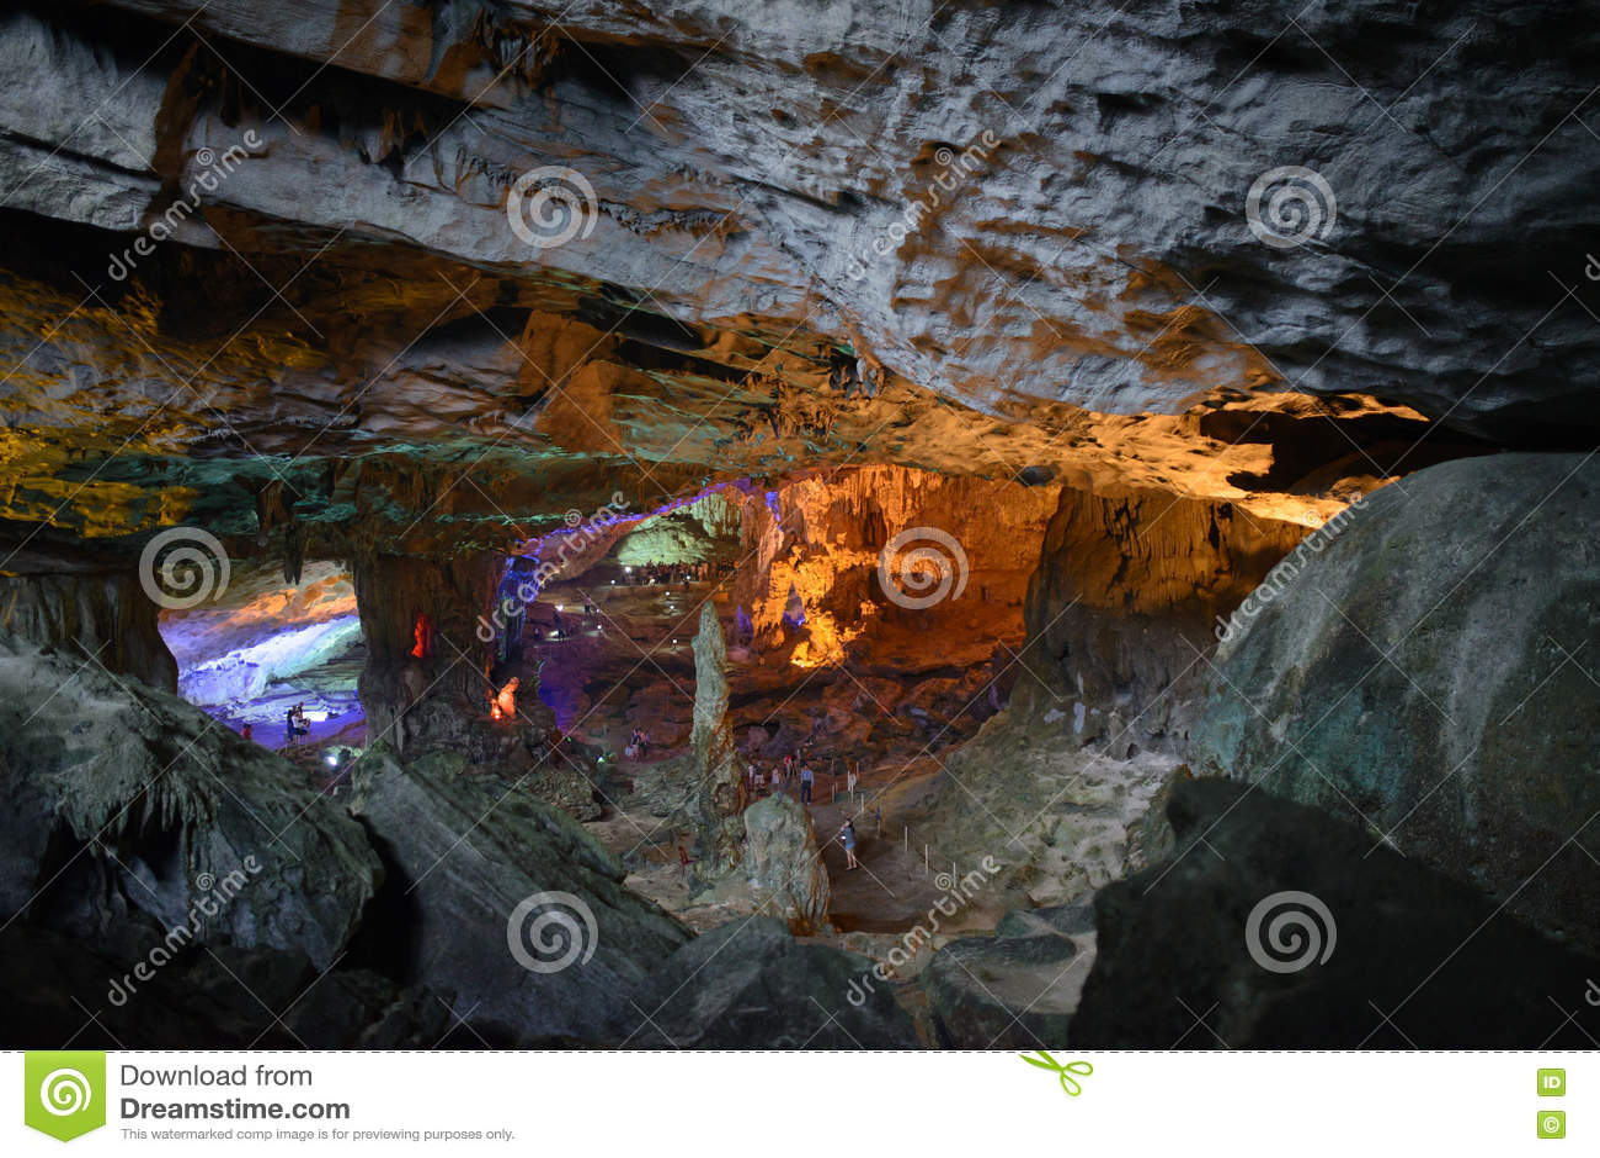 Modèle de jaune de Thien Cung Cave Heavenly Palace Cave